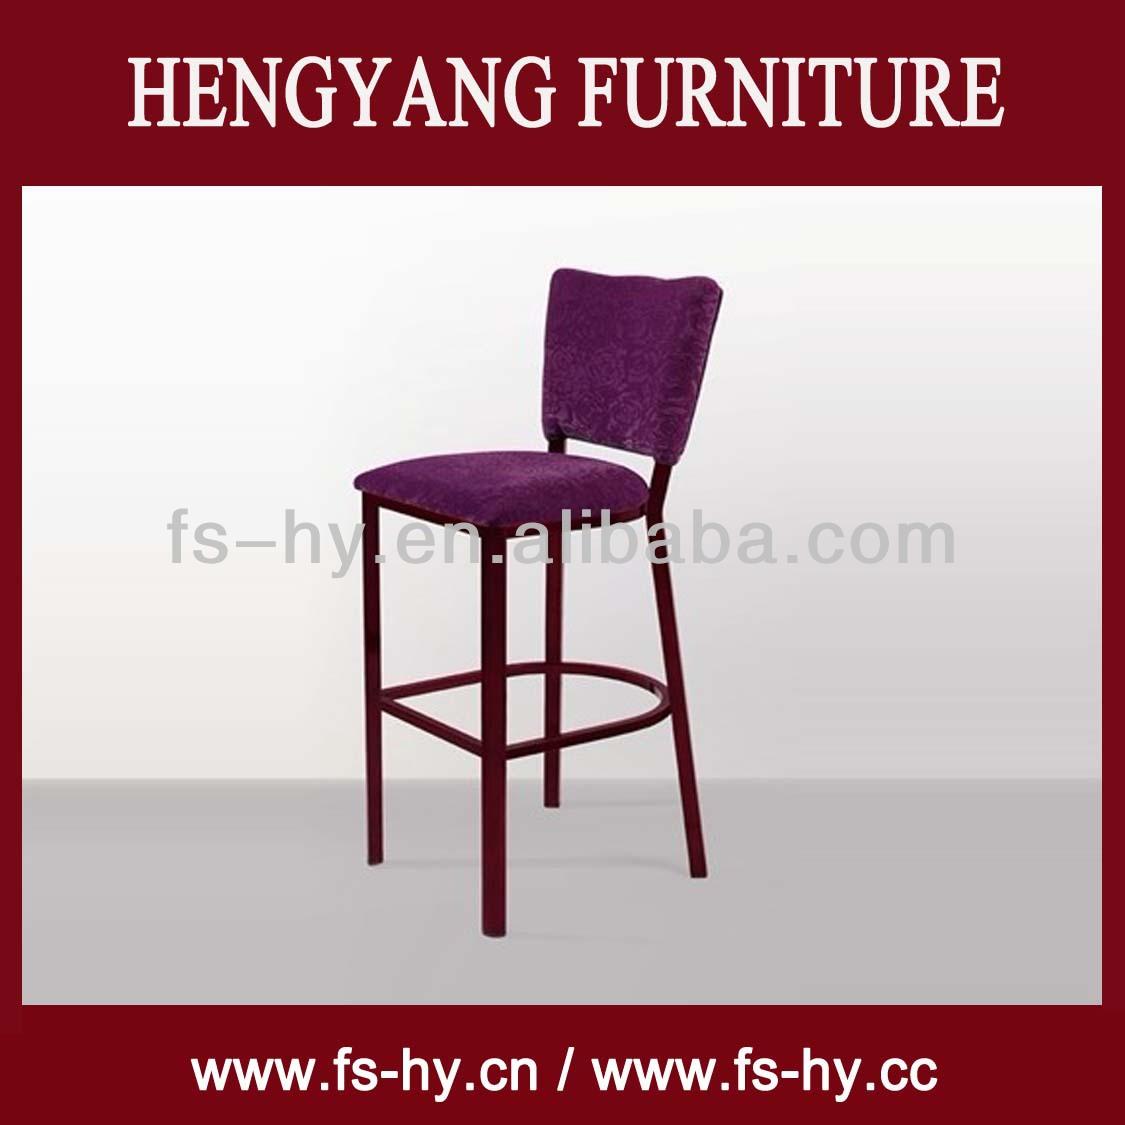 aluminum bar stool BS-2-1